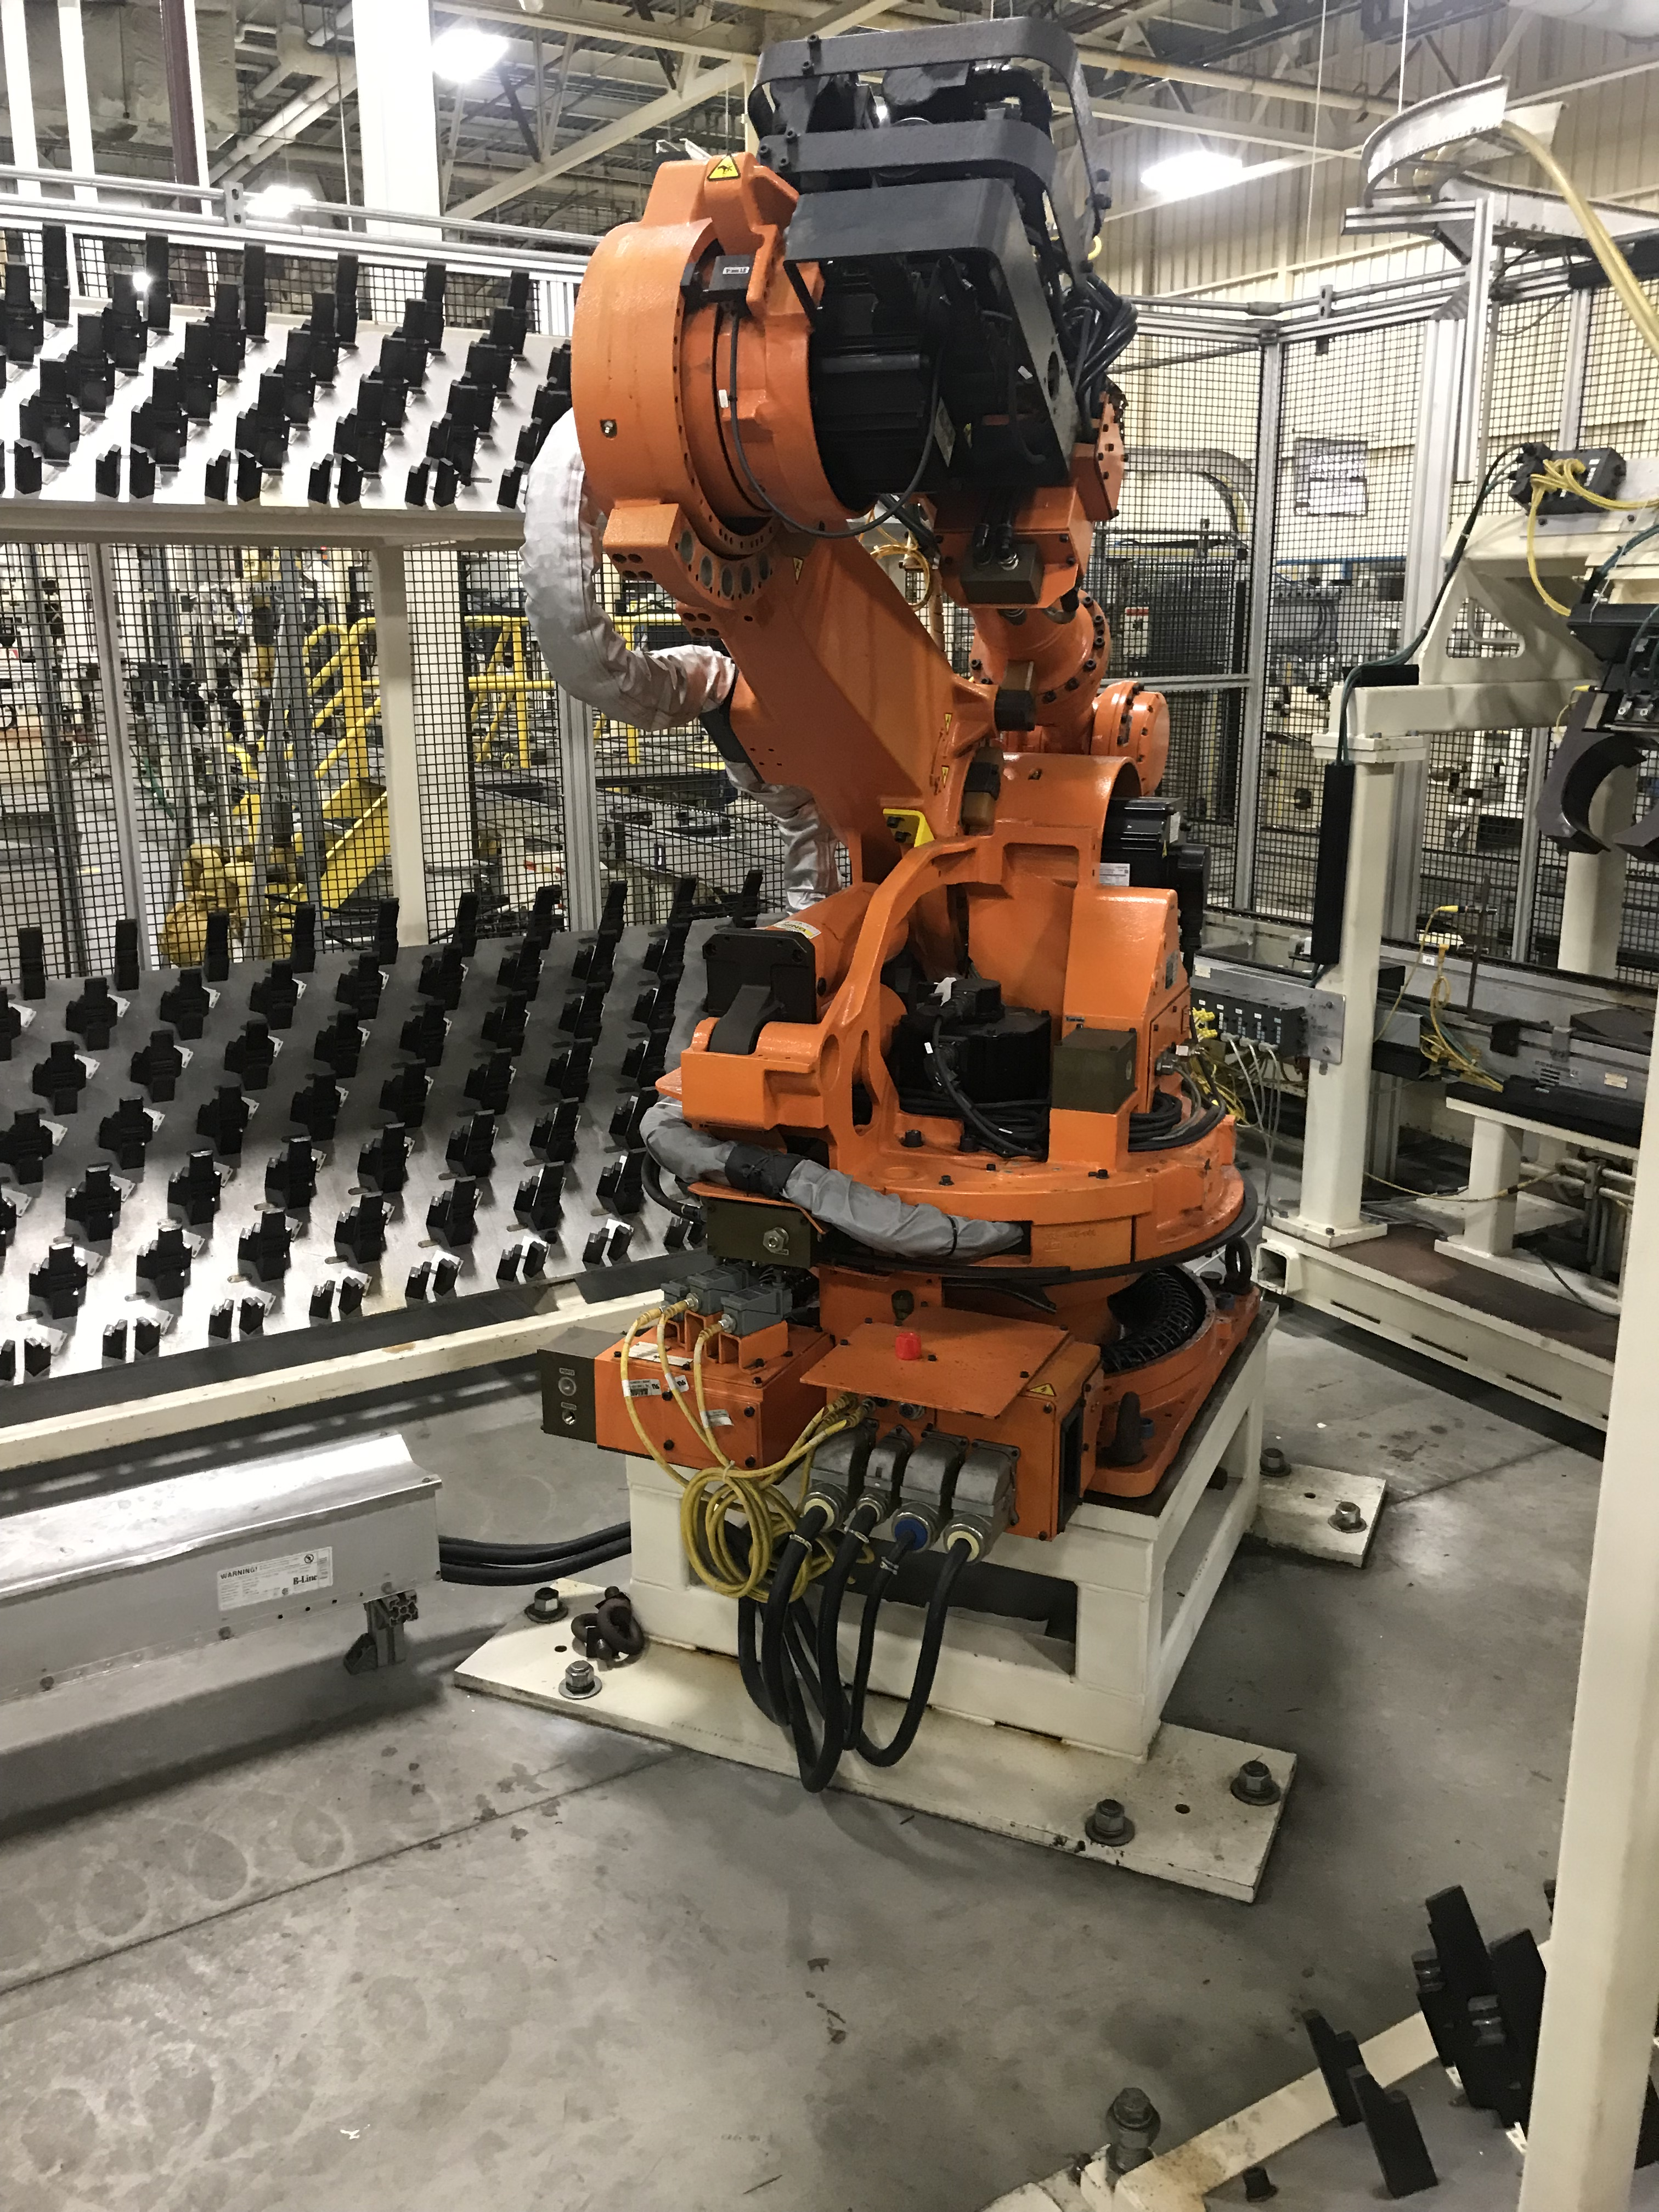 Lot 150 - 2002 Nachi SH-133-01 Robot